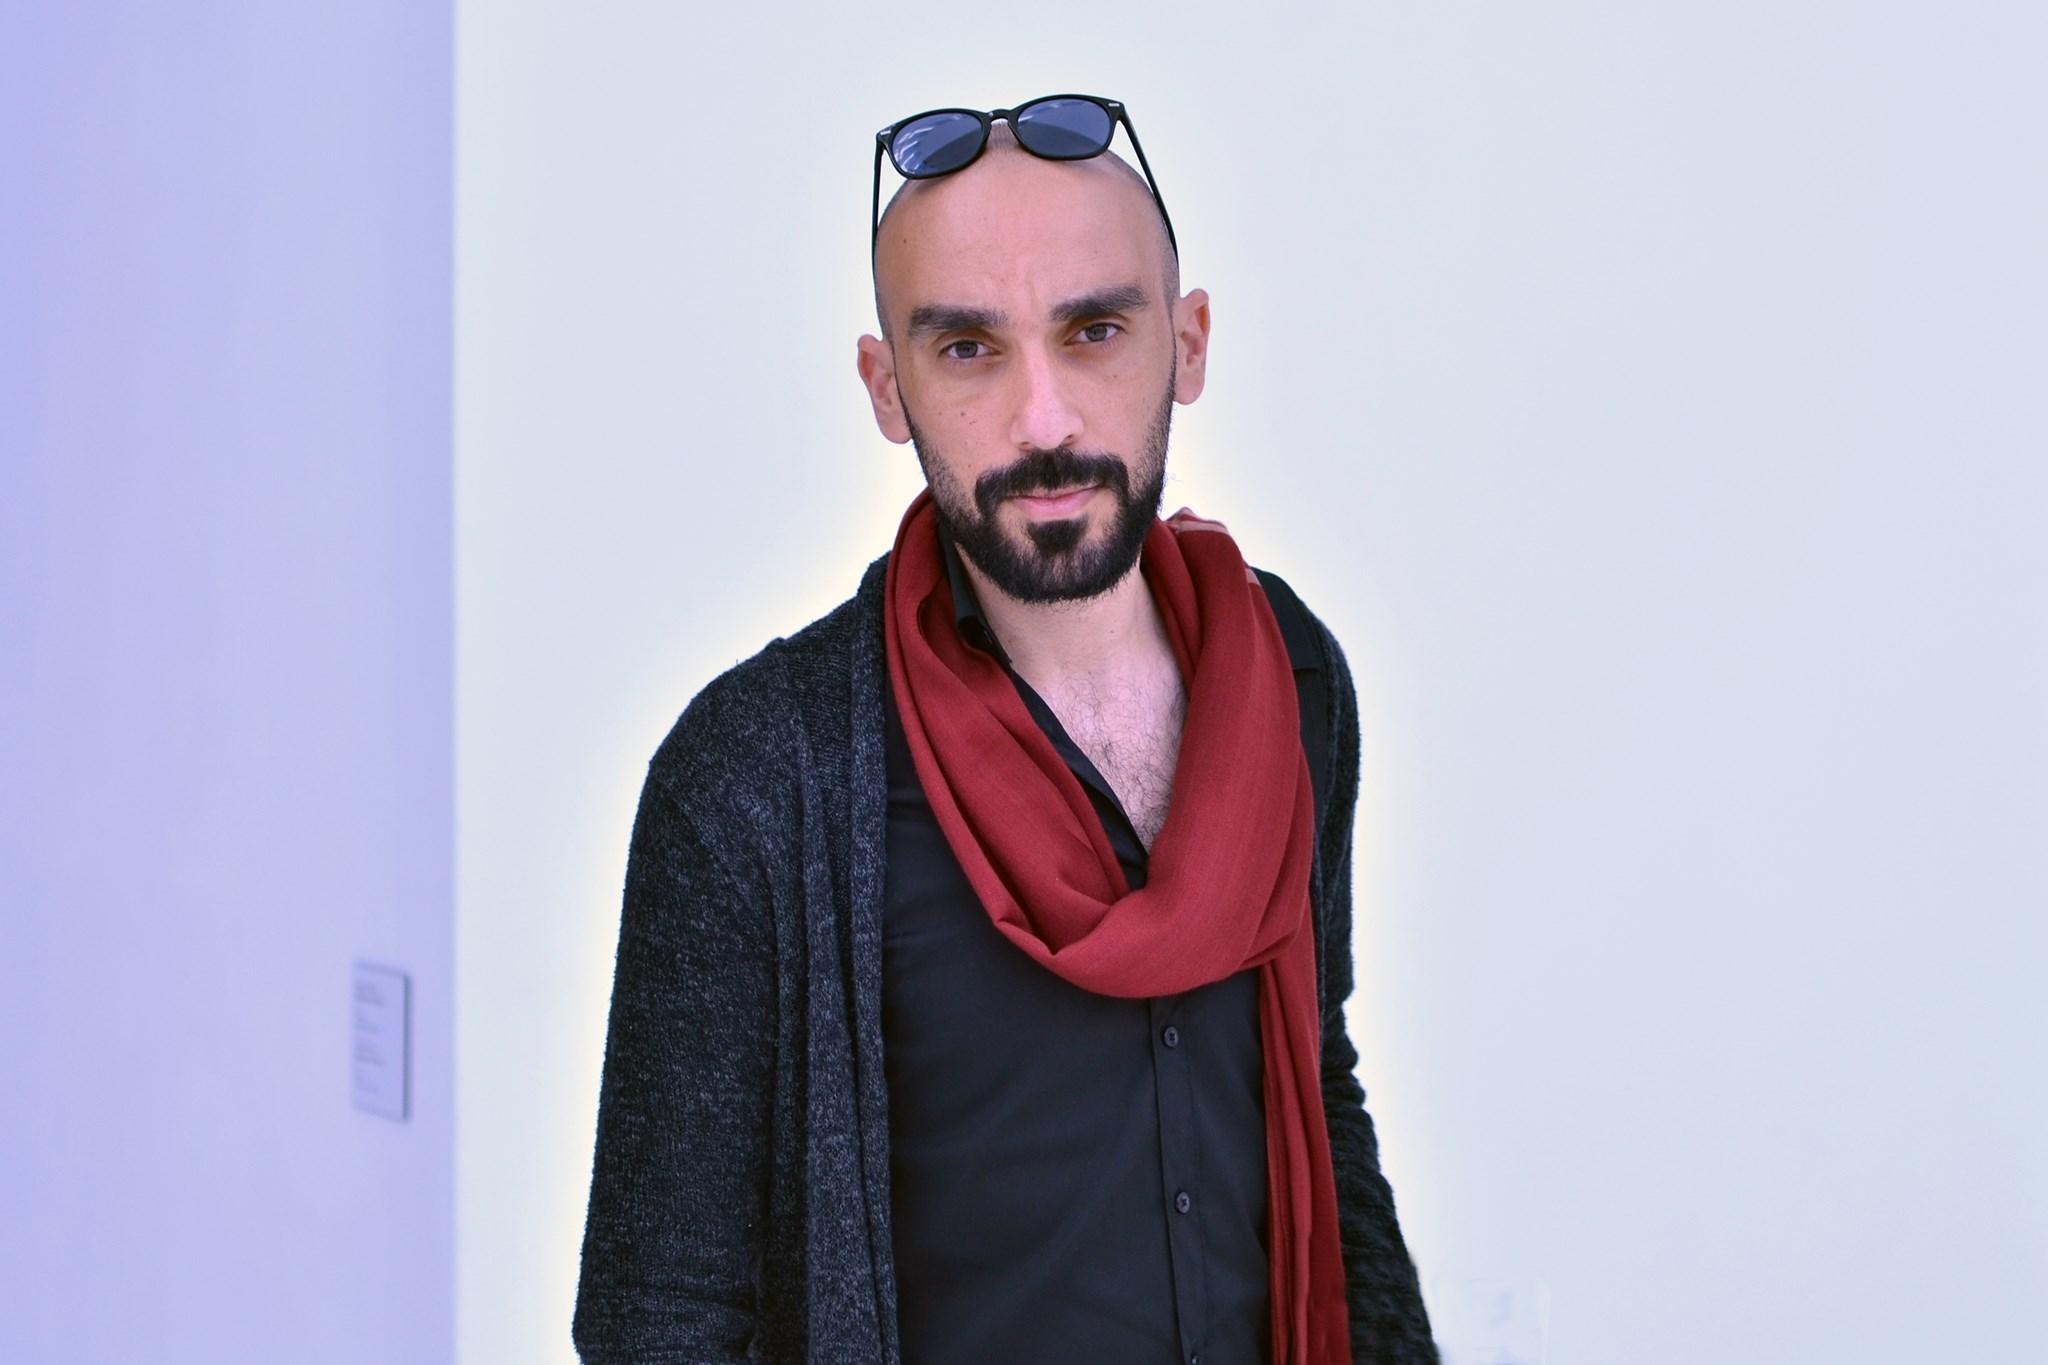 Umar Abdul Nasser